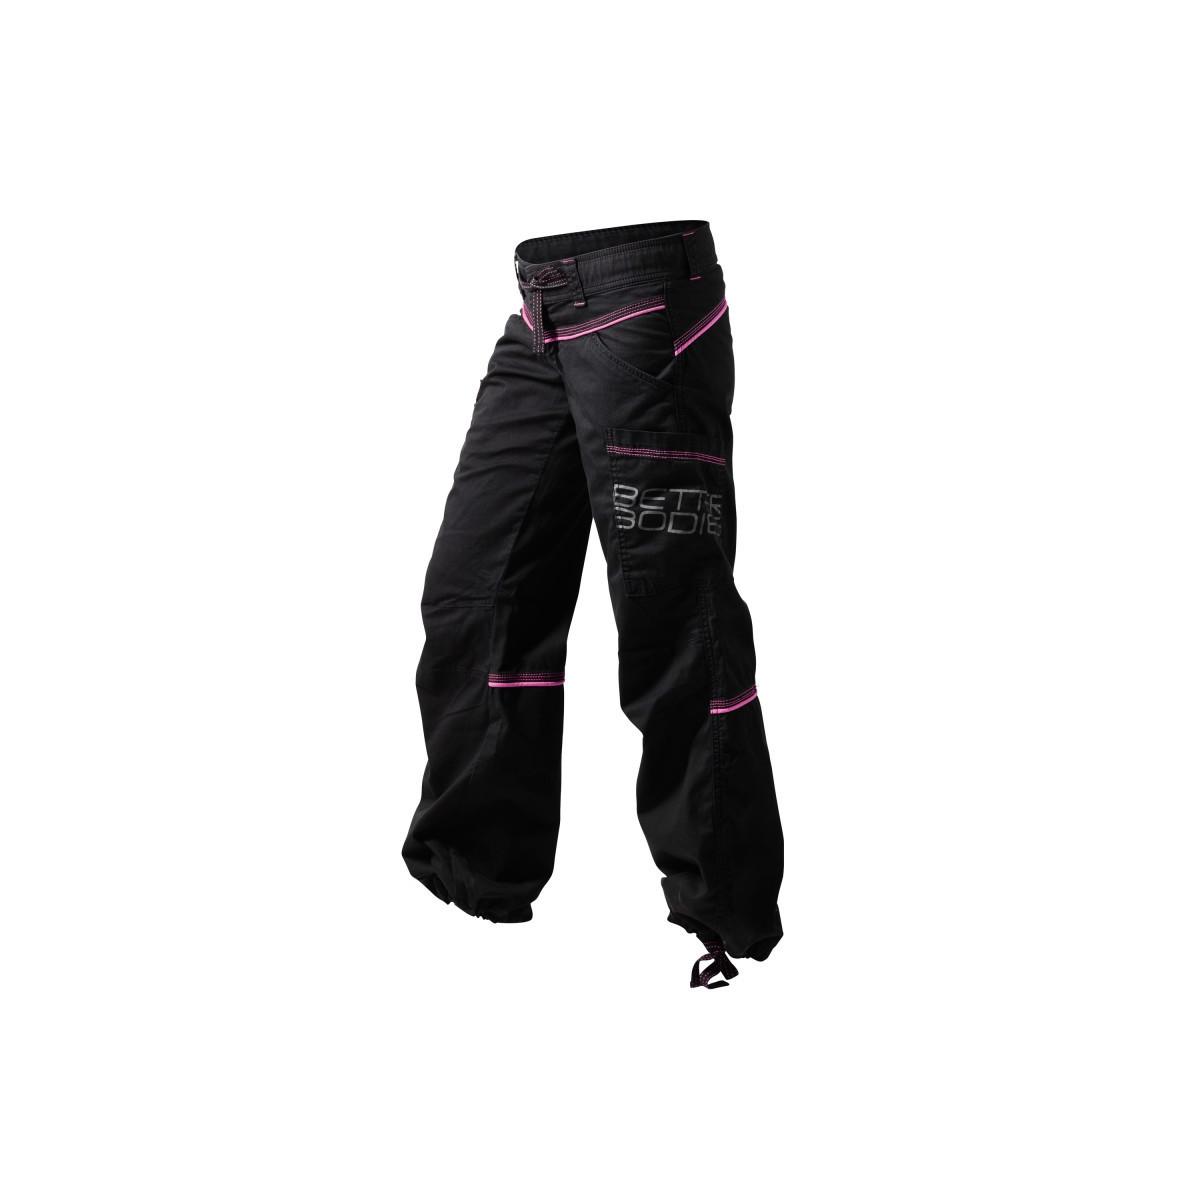 CONTRAST WINDPANT - Noir/Pink